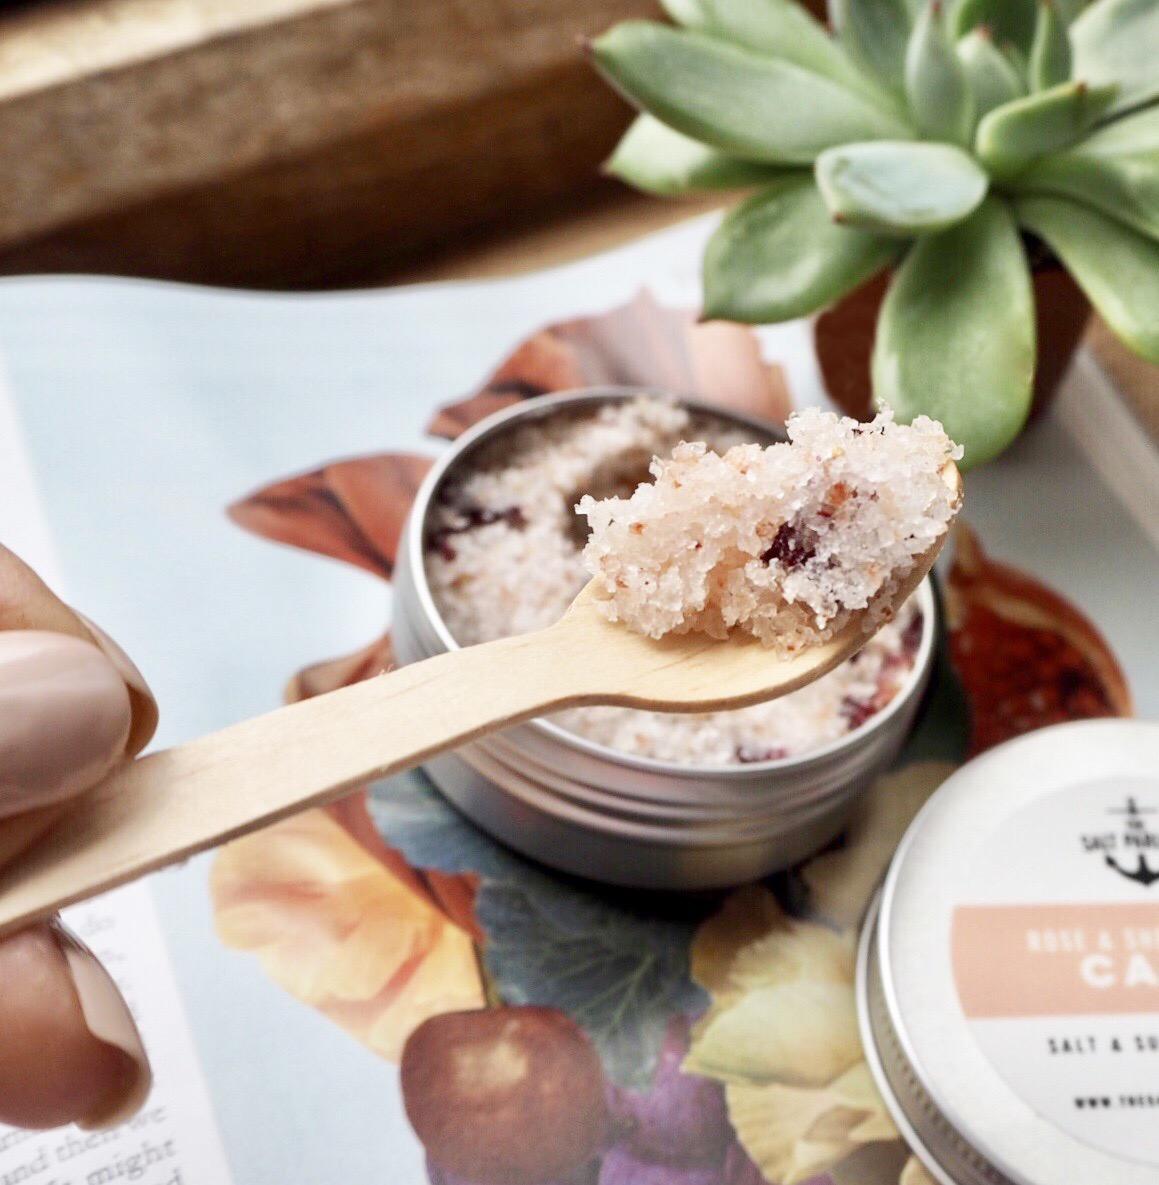 Skin Organics Clean Beauty Box – First Impressions